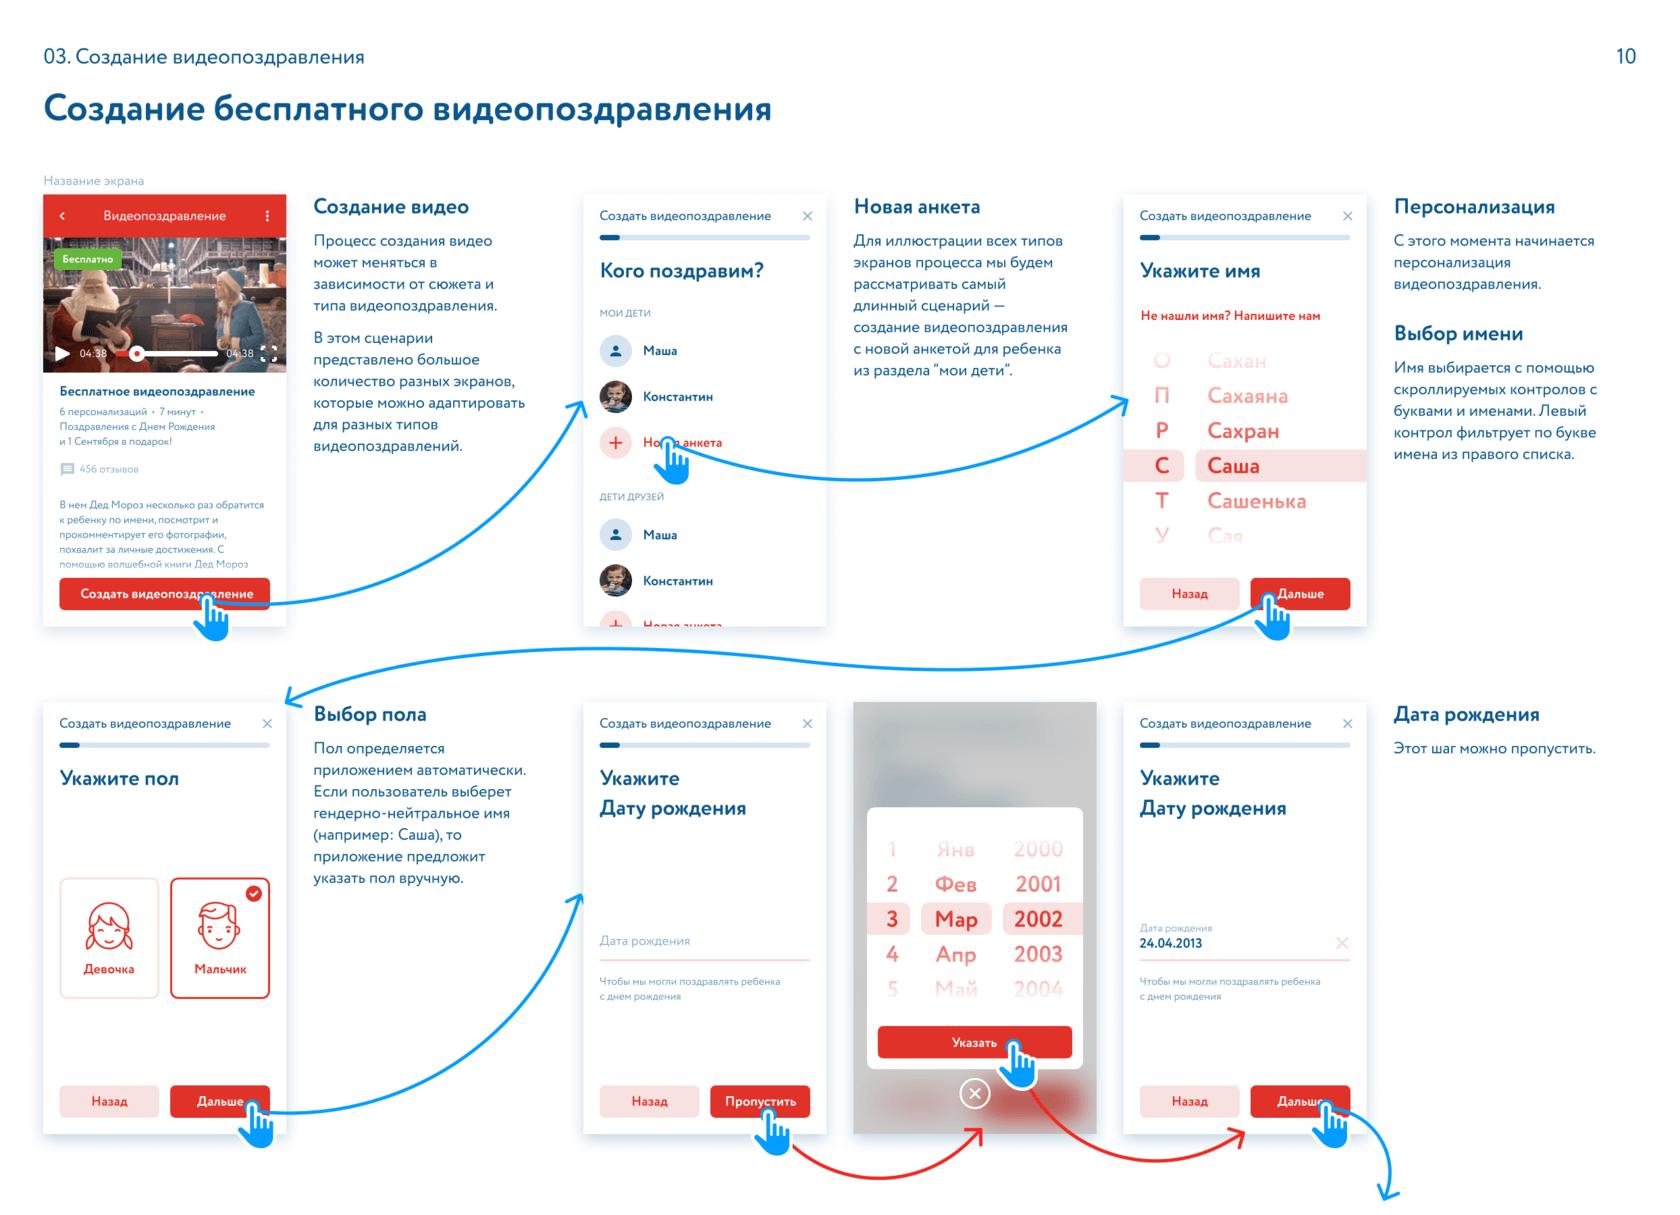 Кейс про дизайн мобильного приложения